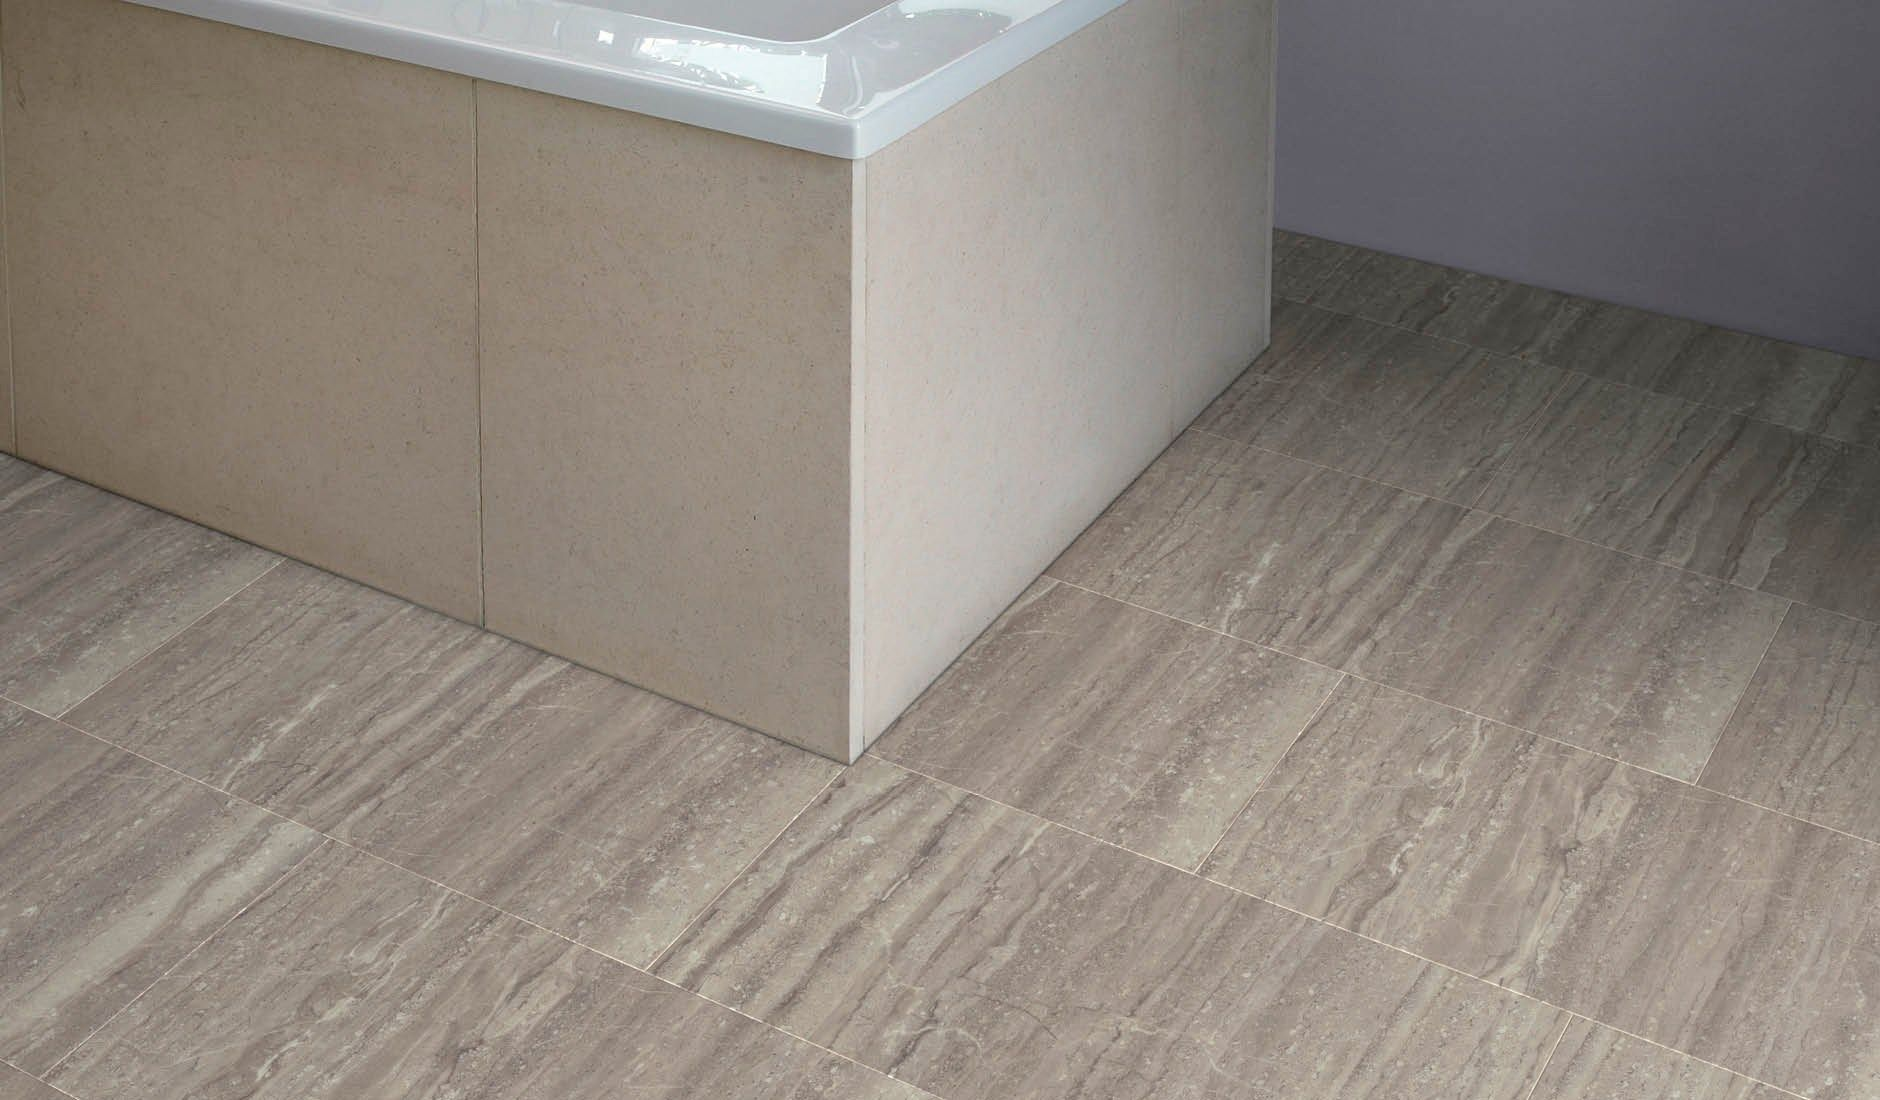 stone-floor-tiles-doric-marble-in-a-bathroom.jpg | Bathroom Tile ...